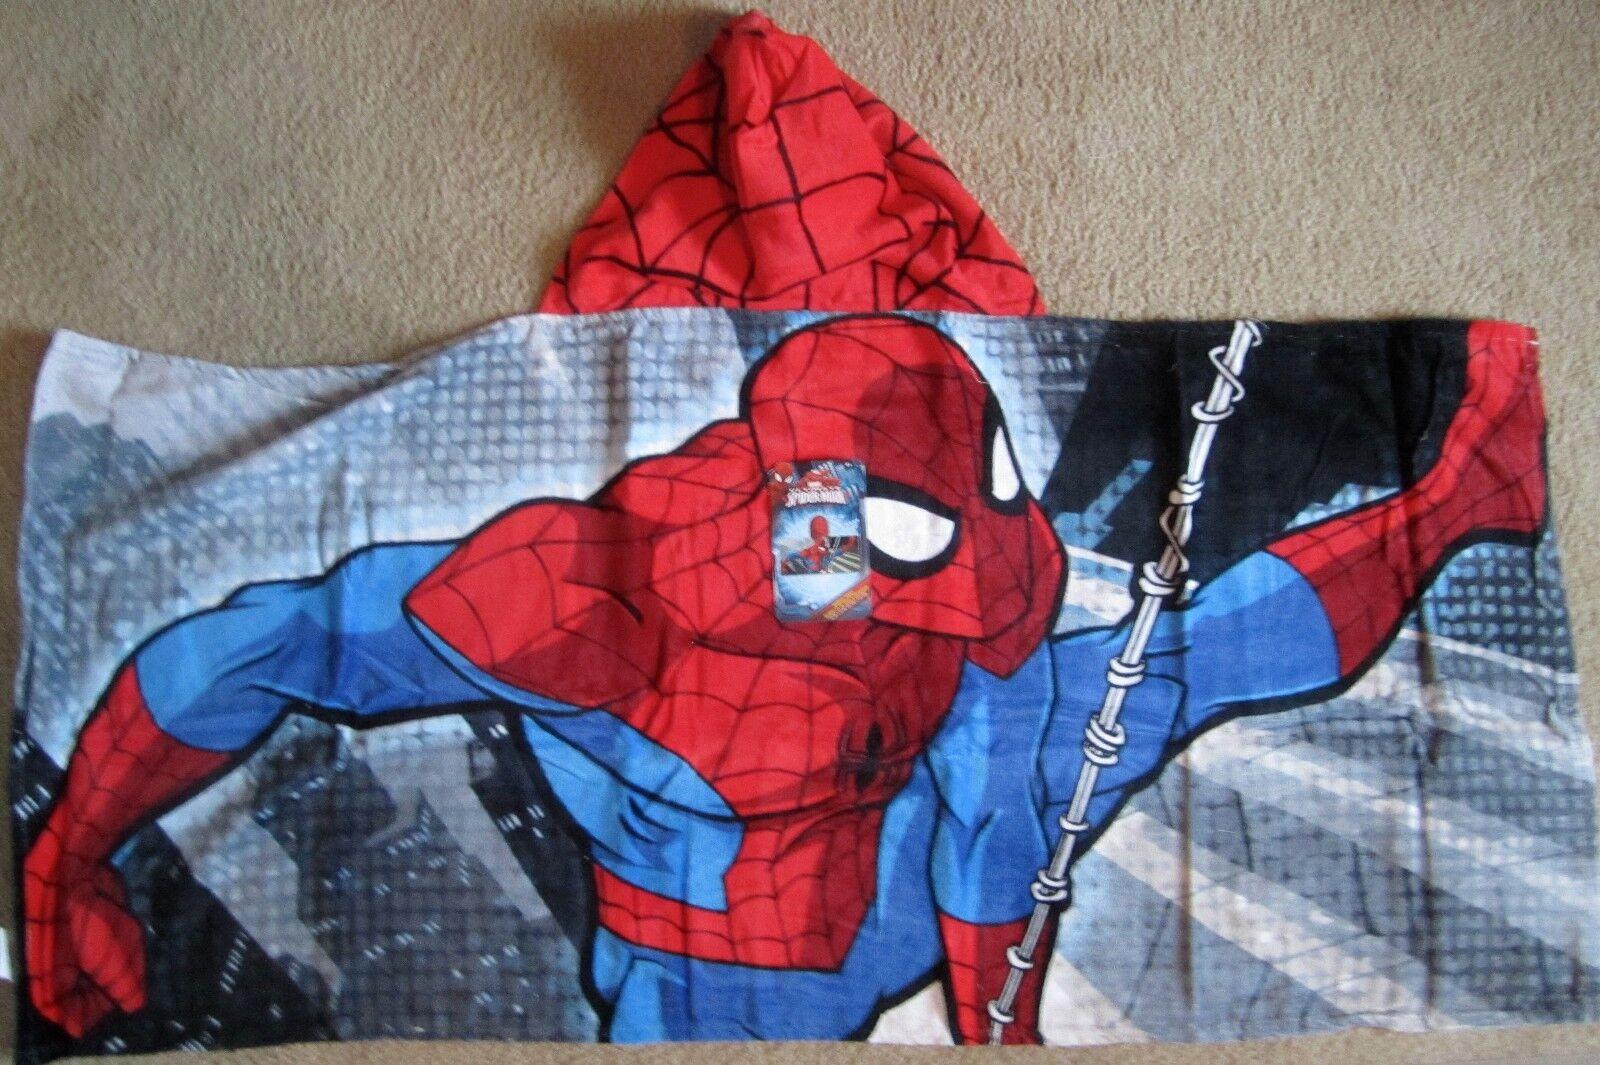 Amazing Spider-Man Cotton Hooded Poncho Bath Beach Towel Mar